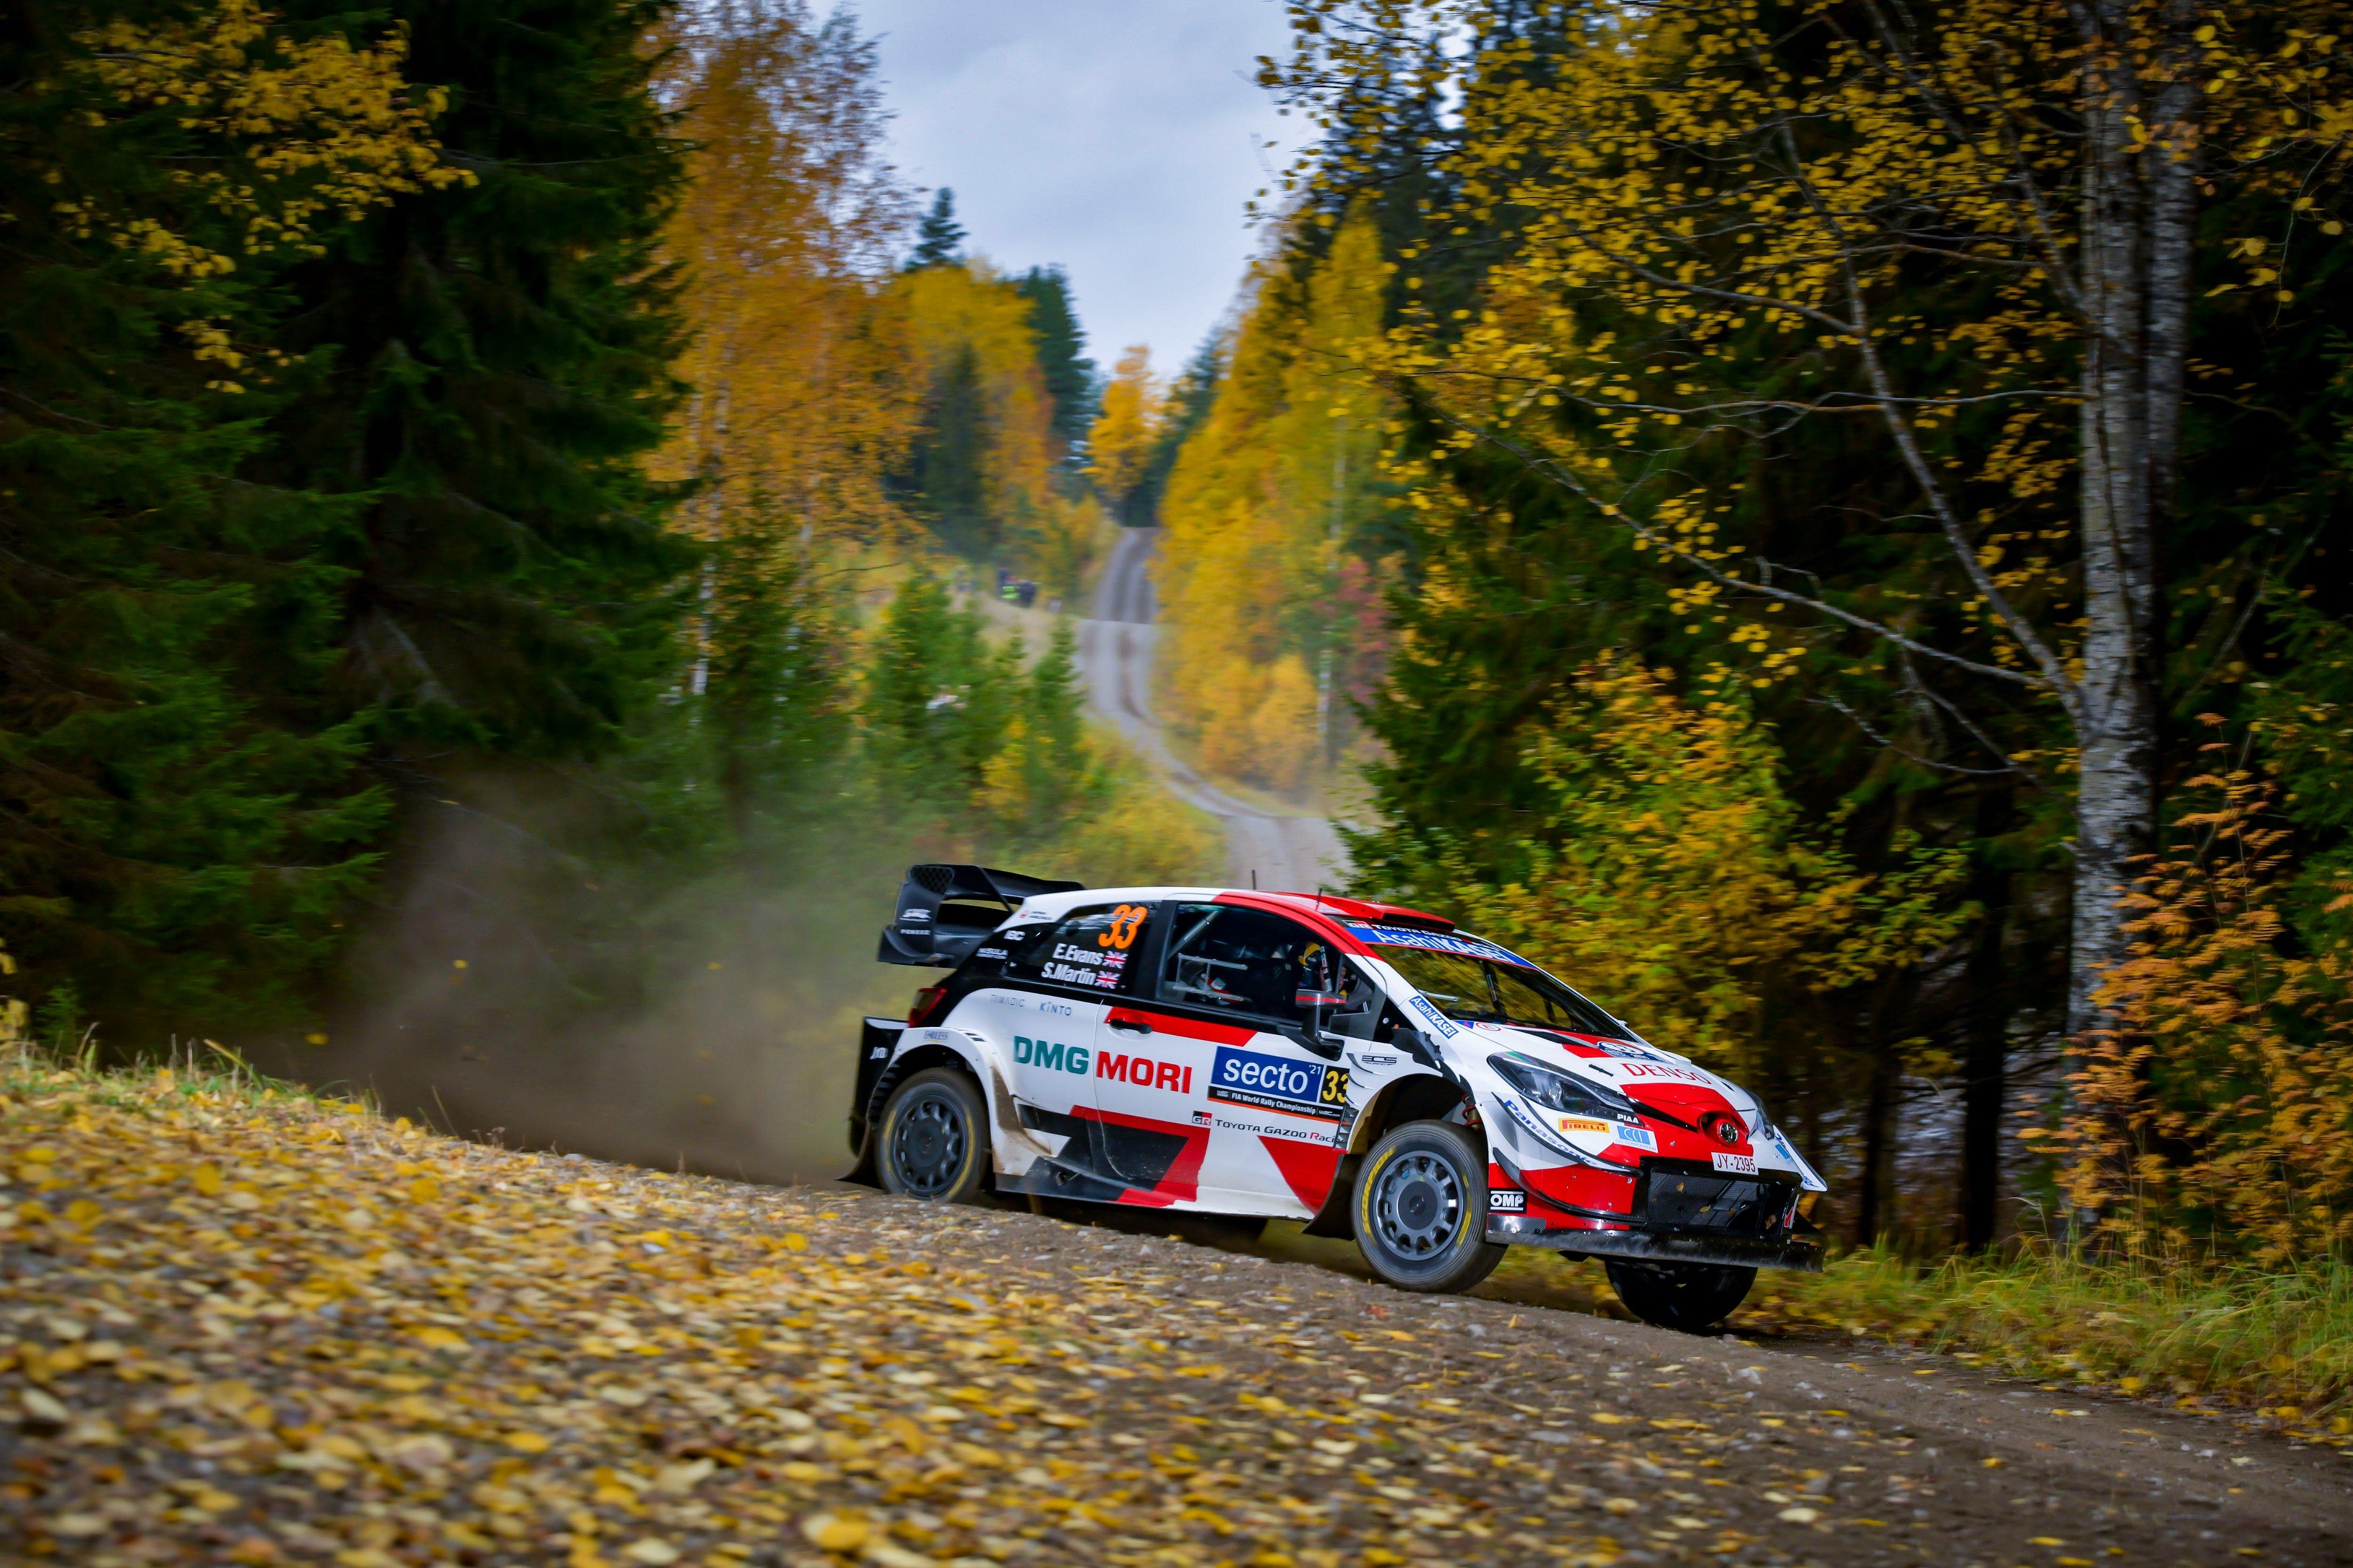 WRC: 70º SECTO Rally Finland [1-3 Octubre] - Página 3 FAtLP8cWQAQwK96?format=jpg&name=4096x4096